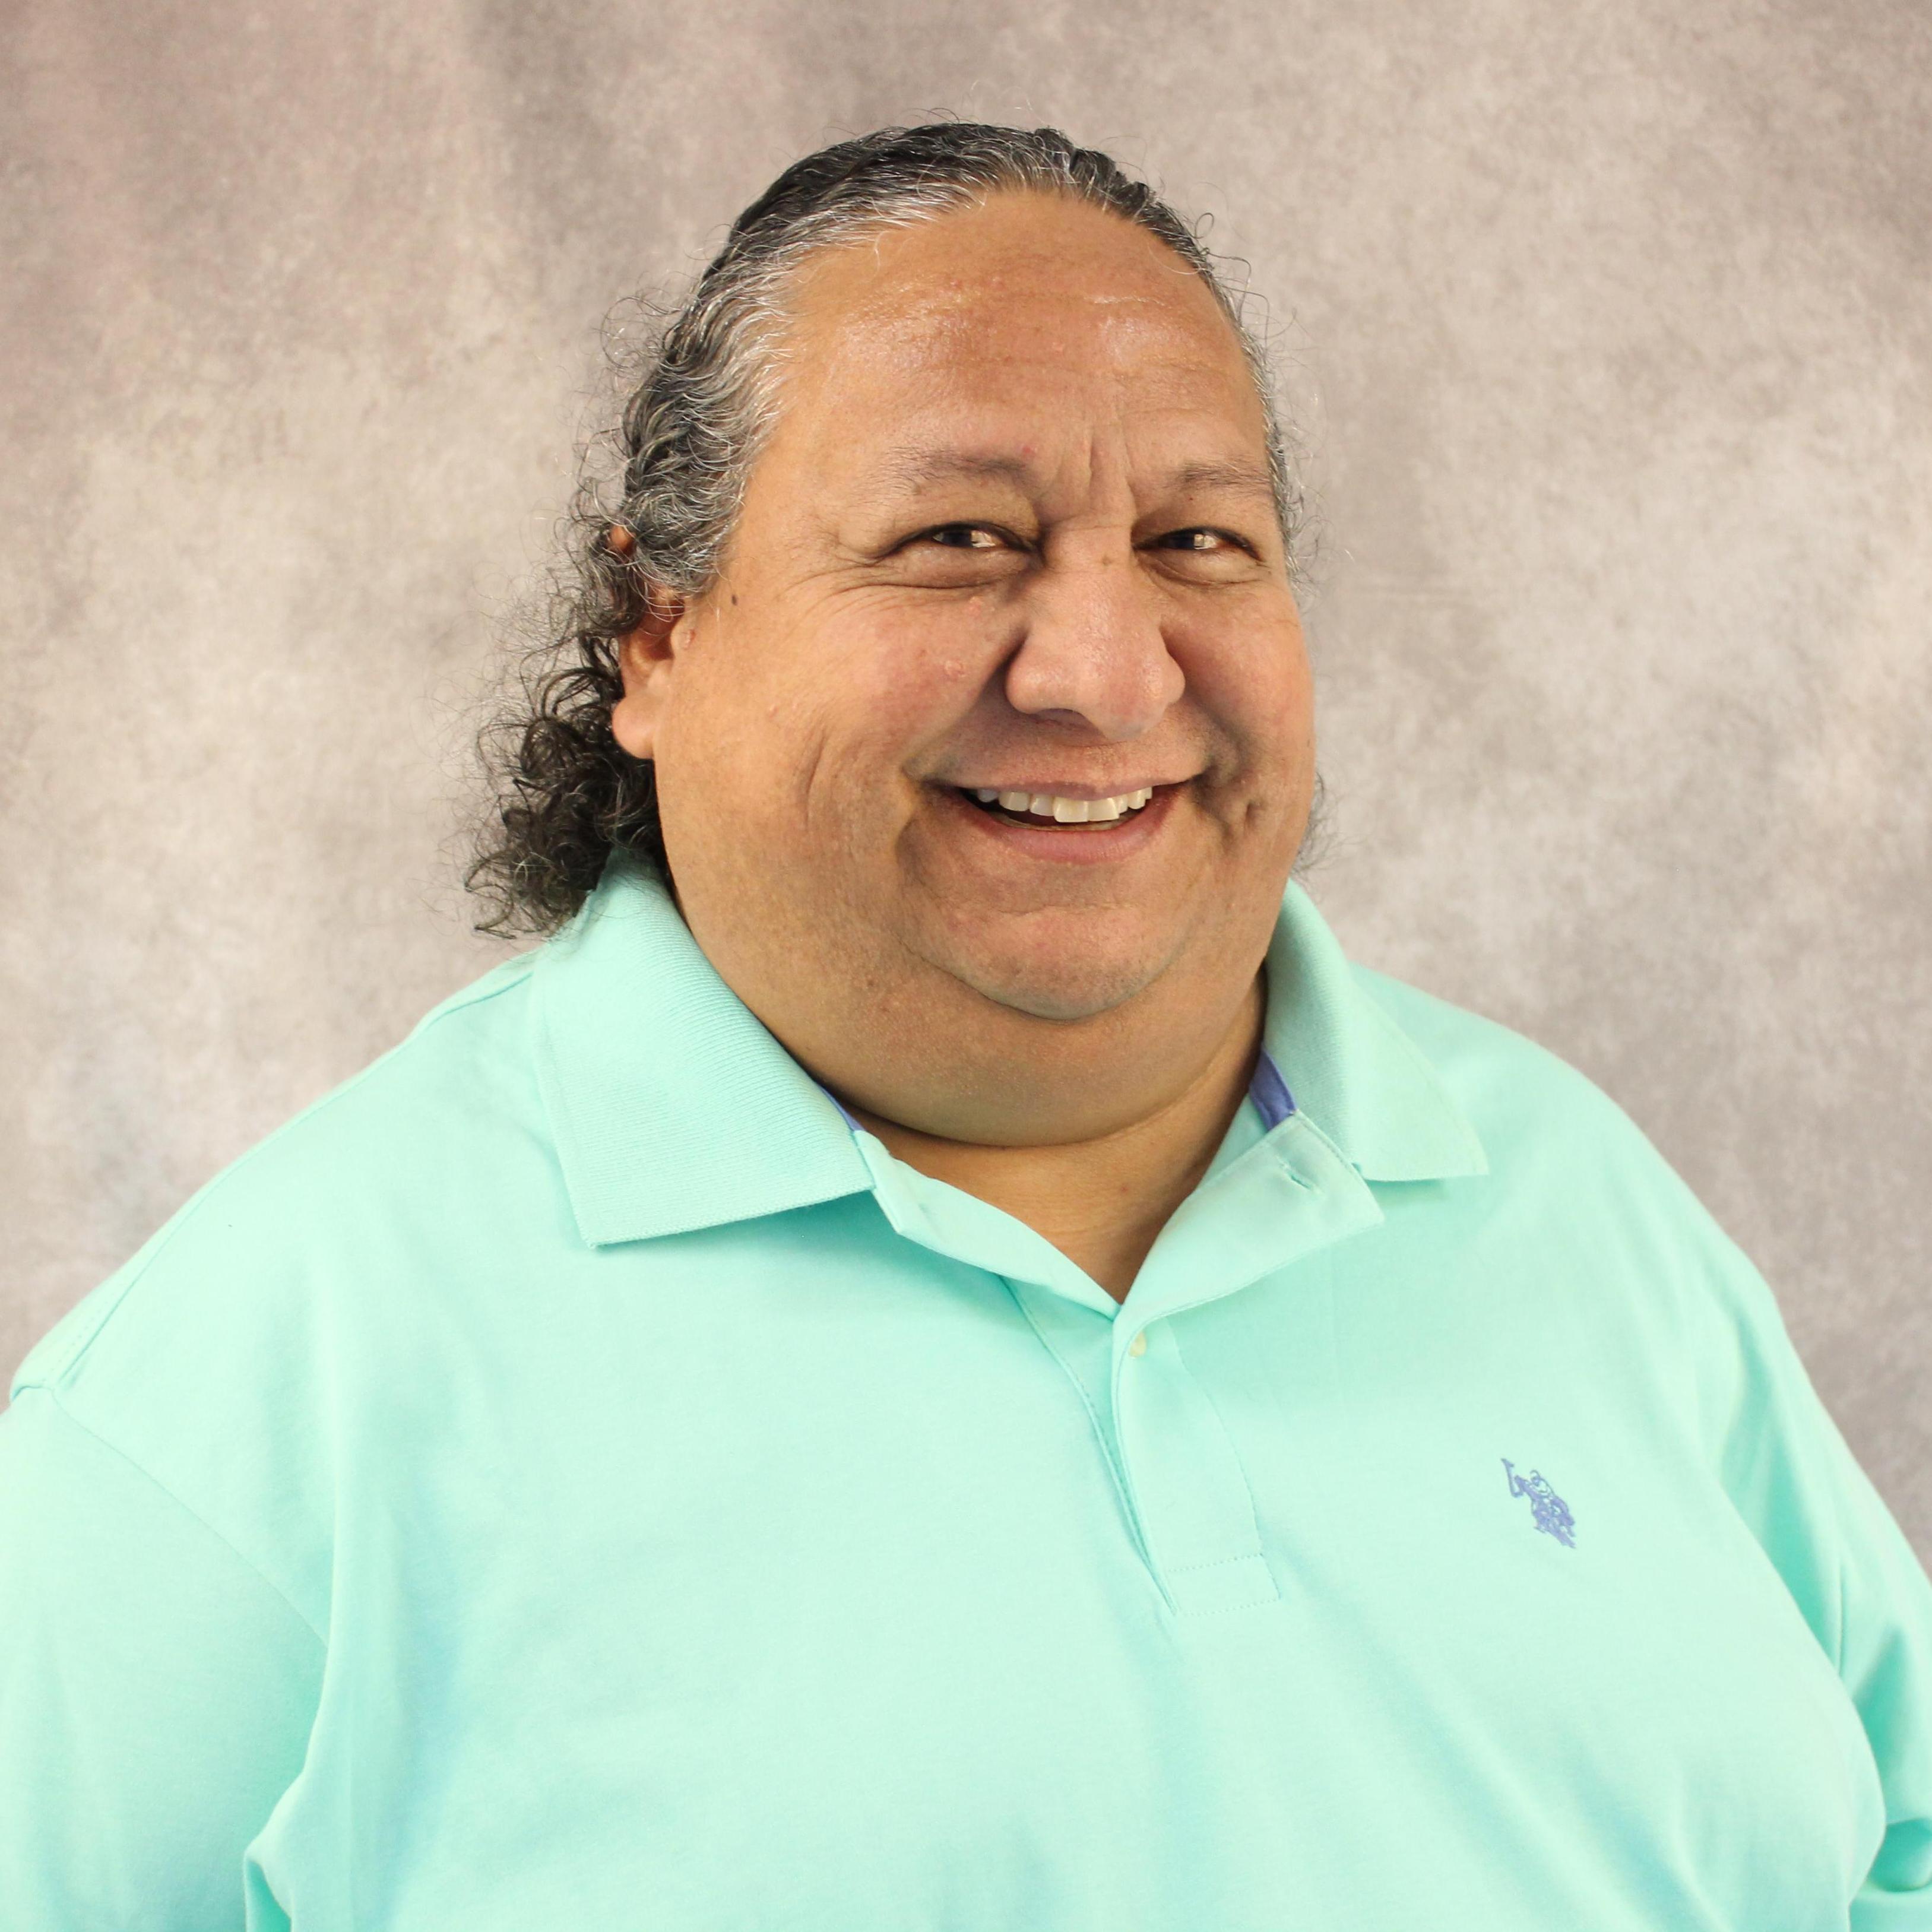 Francisco Perez's Profile Photo